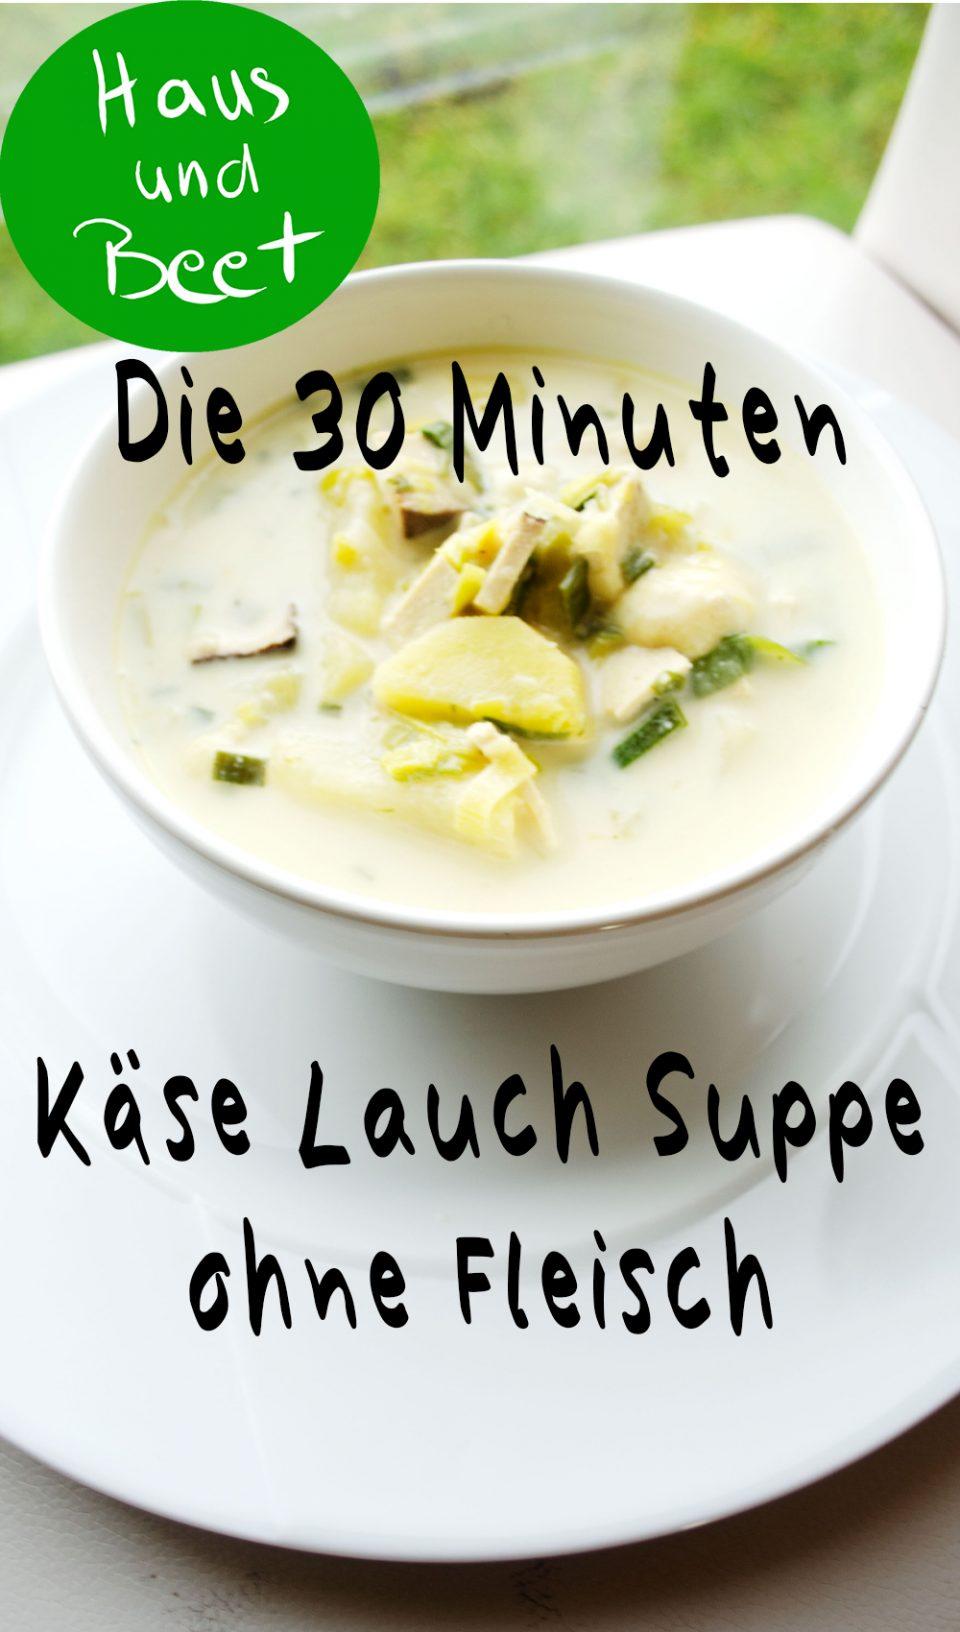 Käse Lauch Suppe ohne Fleisch